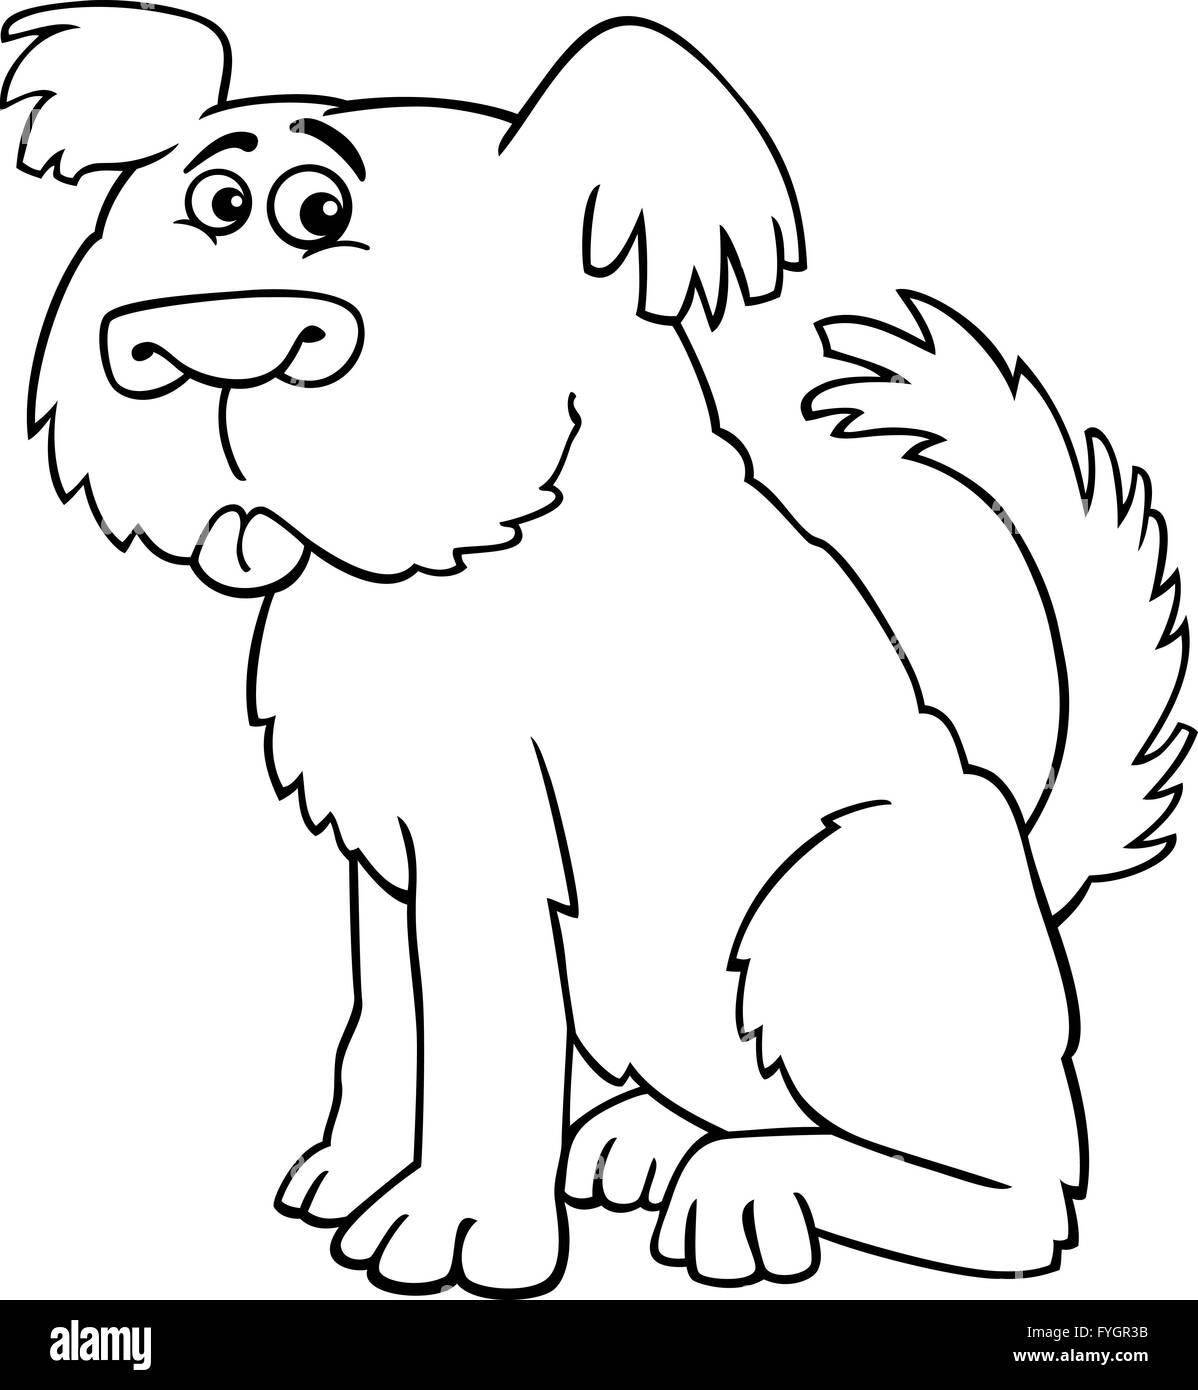 Sheepdog Dog Coloring Book Stock Photos & Sheepdog Dog Coloring Book ...